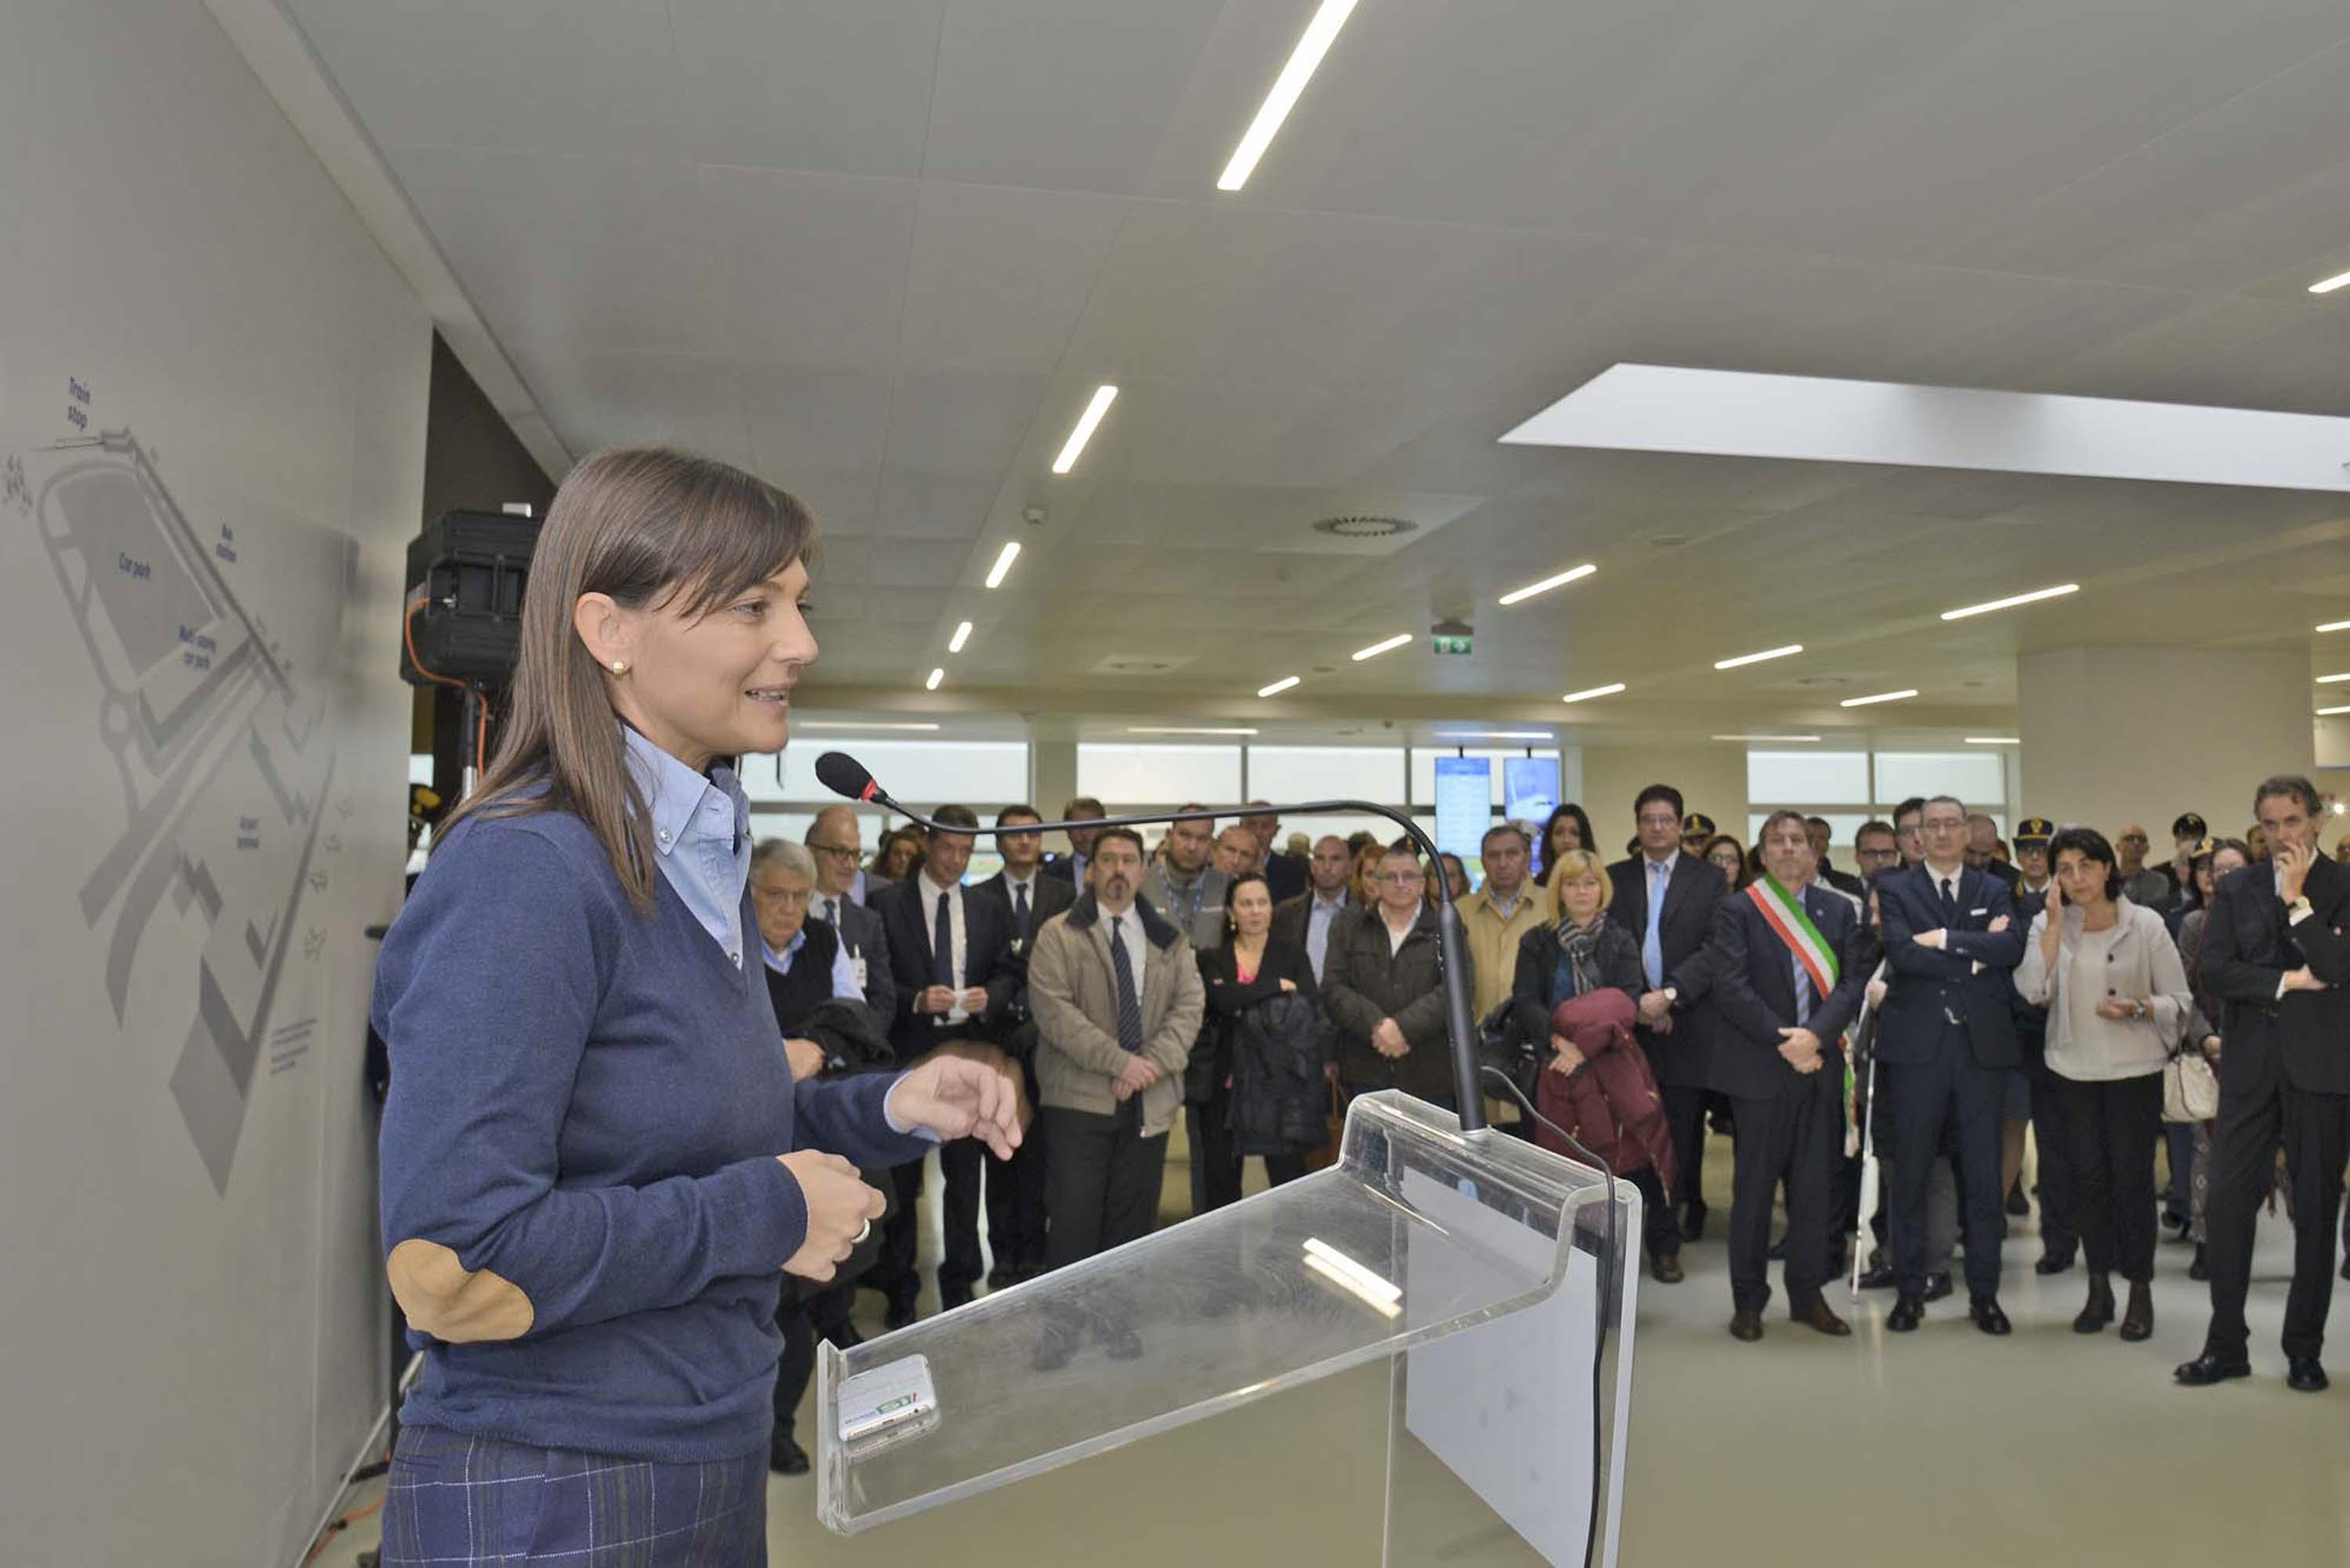 Aeroporto Ronchi Dei Legionari : Regione autonoma friuli venezia giulia notizie dalla giunta